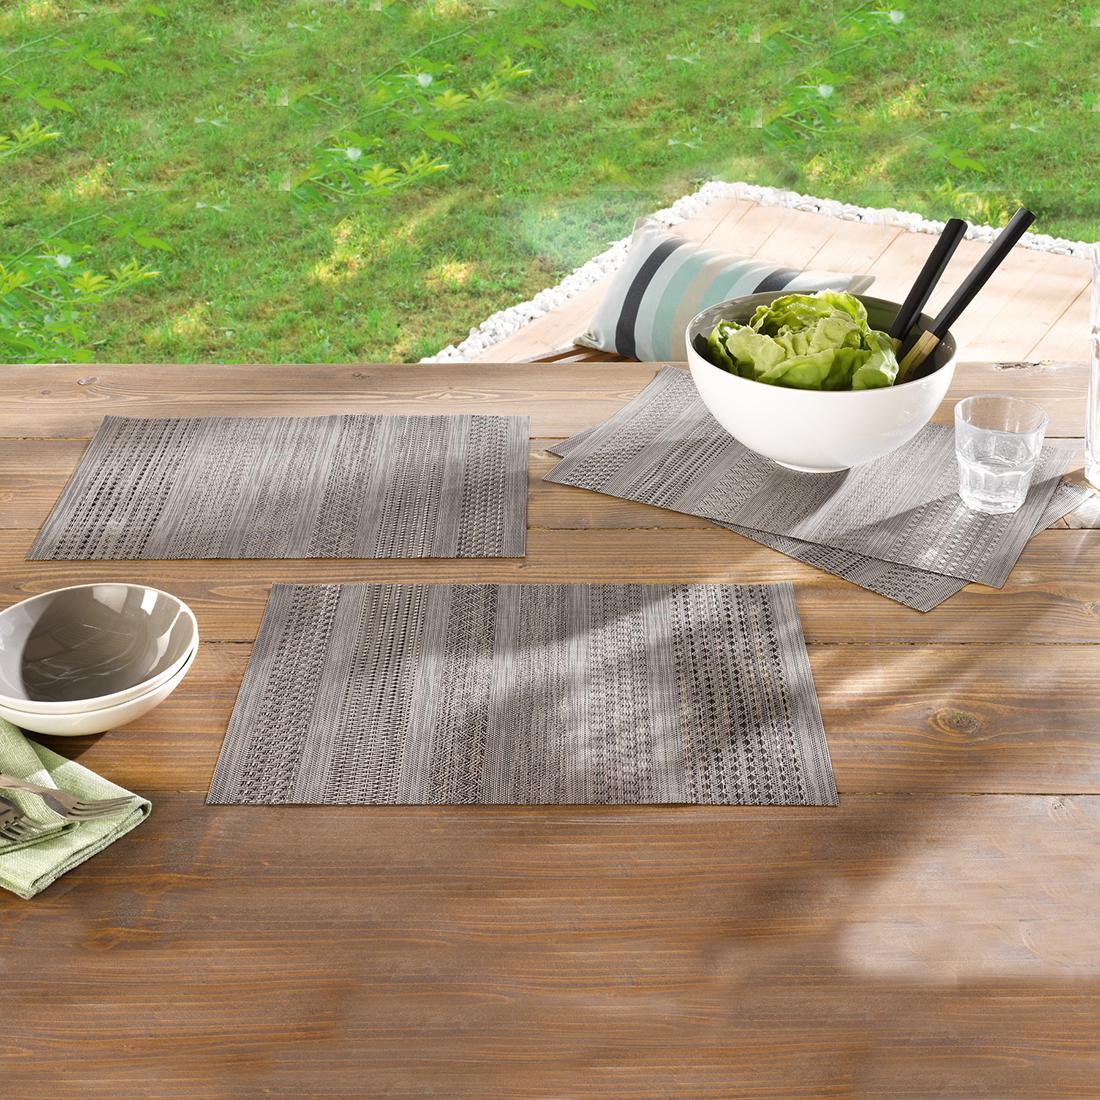 """Подложки на стол """"Натур"""", 4 штуки [06906],"""